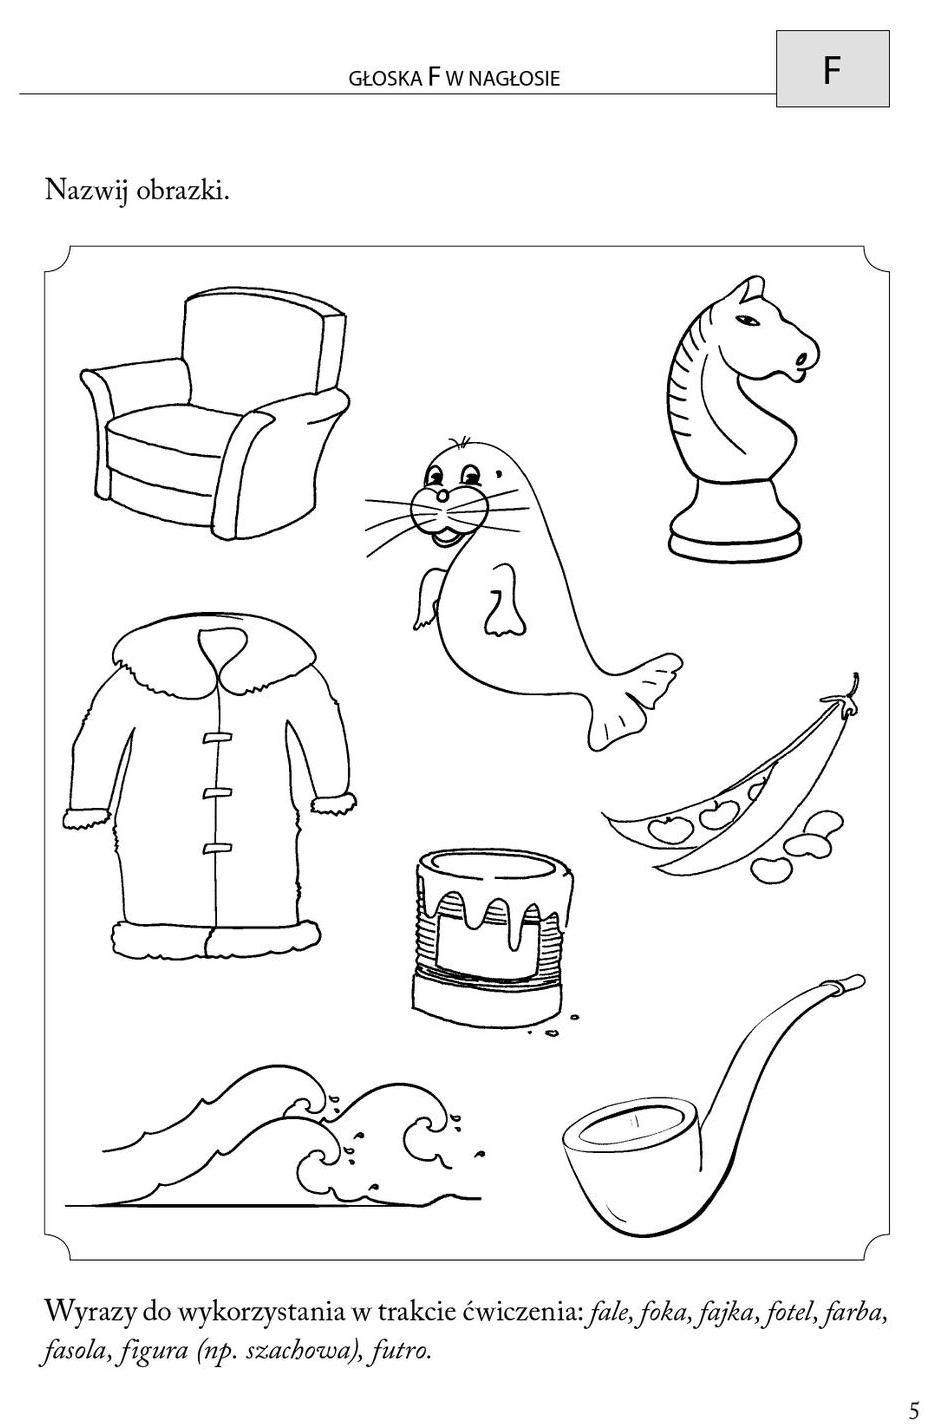 Obrazkowe Cwiczenia Logopedyczne Dla Przedszkolakow Education Sketchnotes Lettering